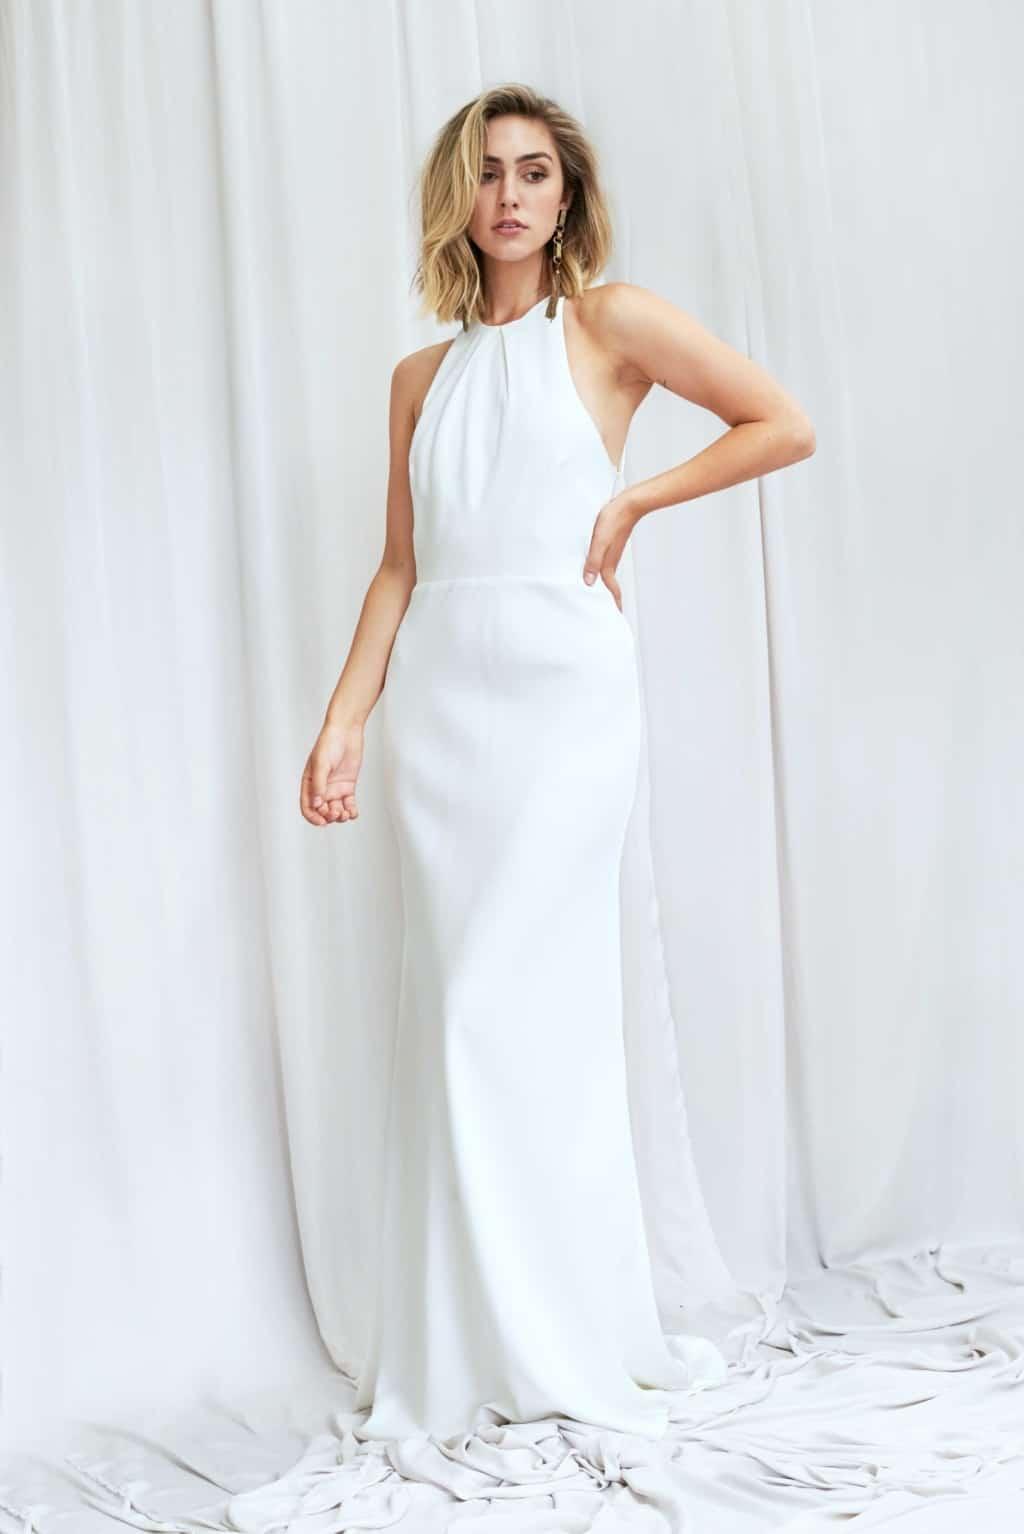 Franklin - Neckholder Brautkleid aus Seidensatin mit transparentem Taillenbund und einem Hauch von Glitzer